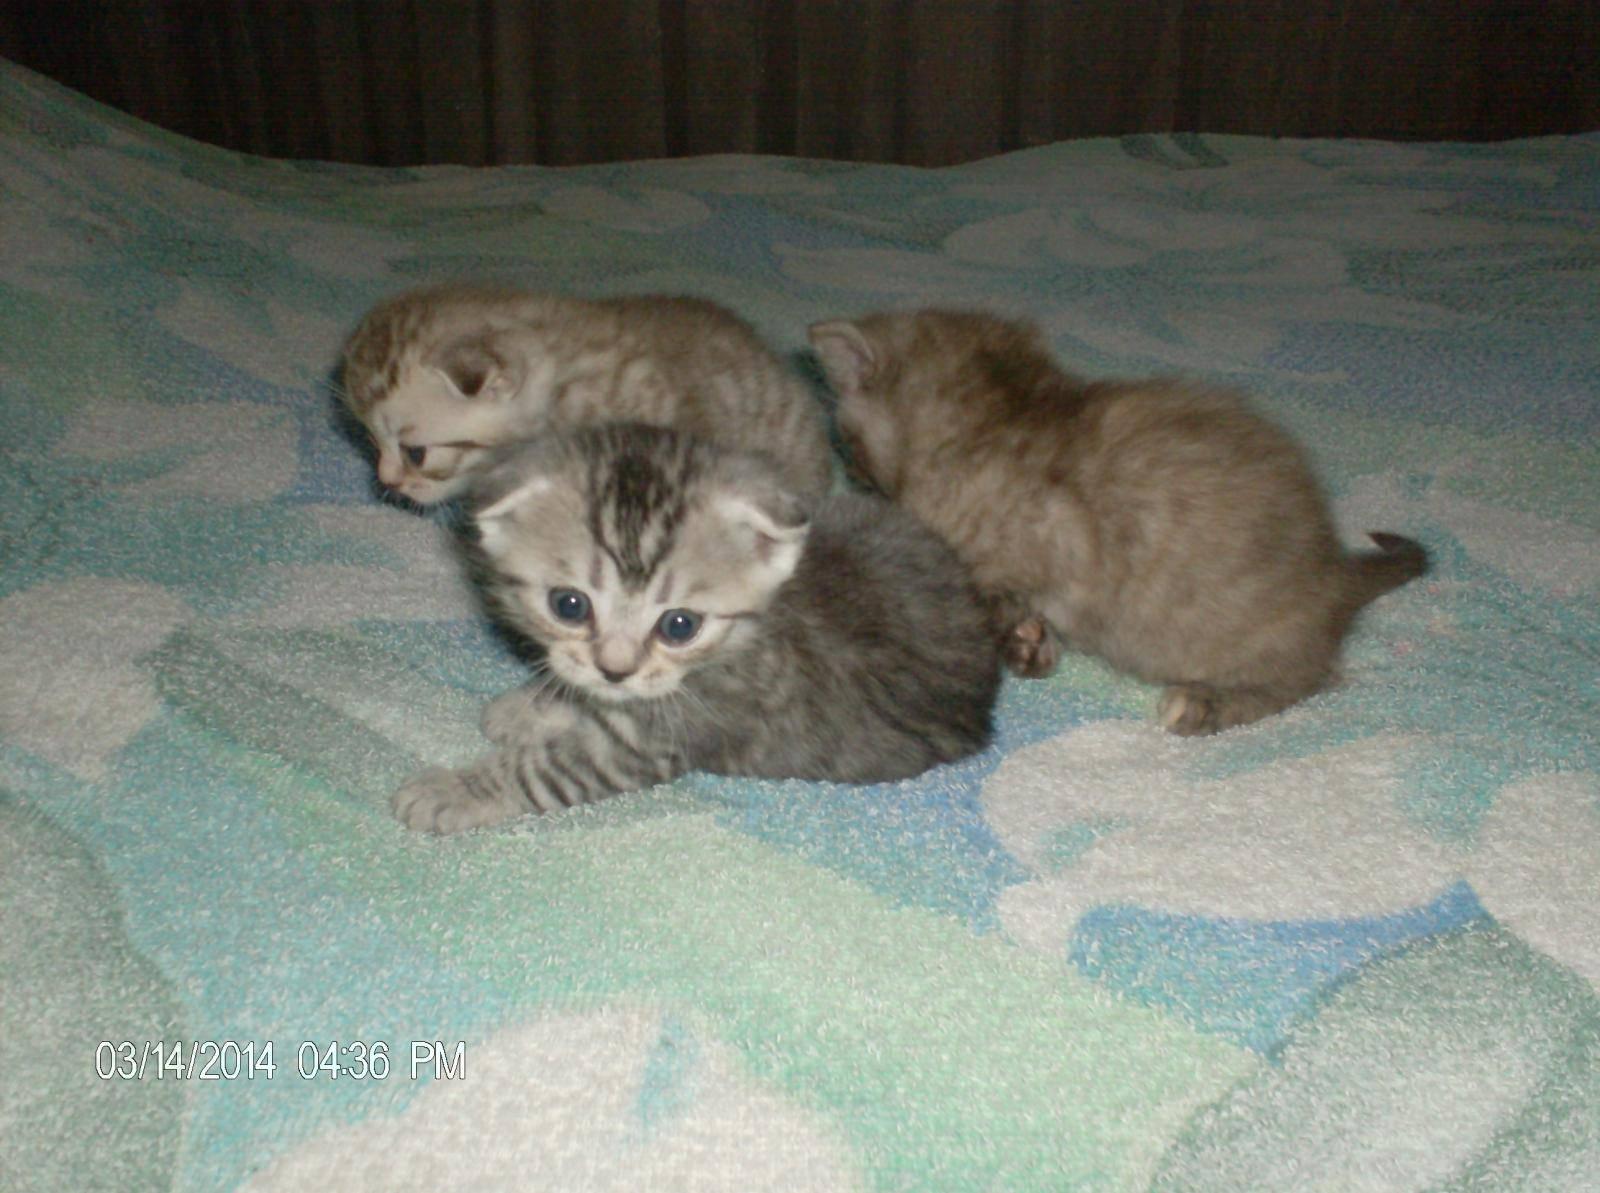 Вислоухие котята-шотландцы и короткошерстные британцы: сходства и различия двух родственных пород